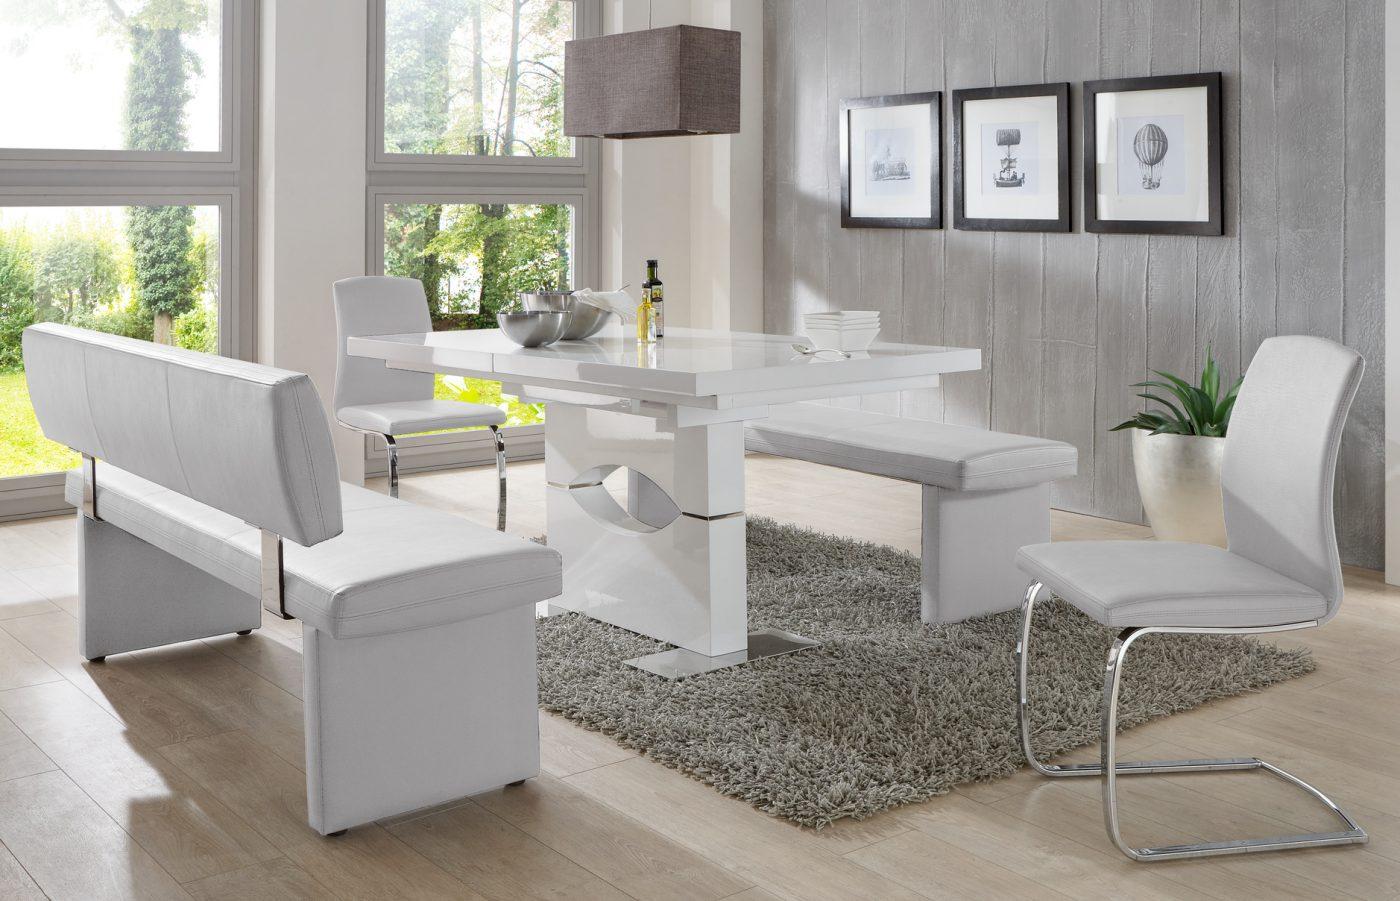 esstisch ausziehbar mit sitzbank das beste aus wohndesign und m bel inspiration. Black Bedroom Furniture Sets. Home Design Ideas